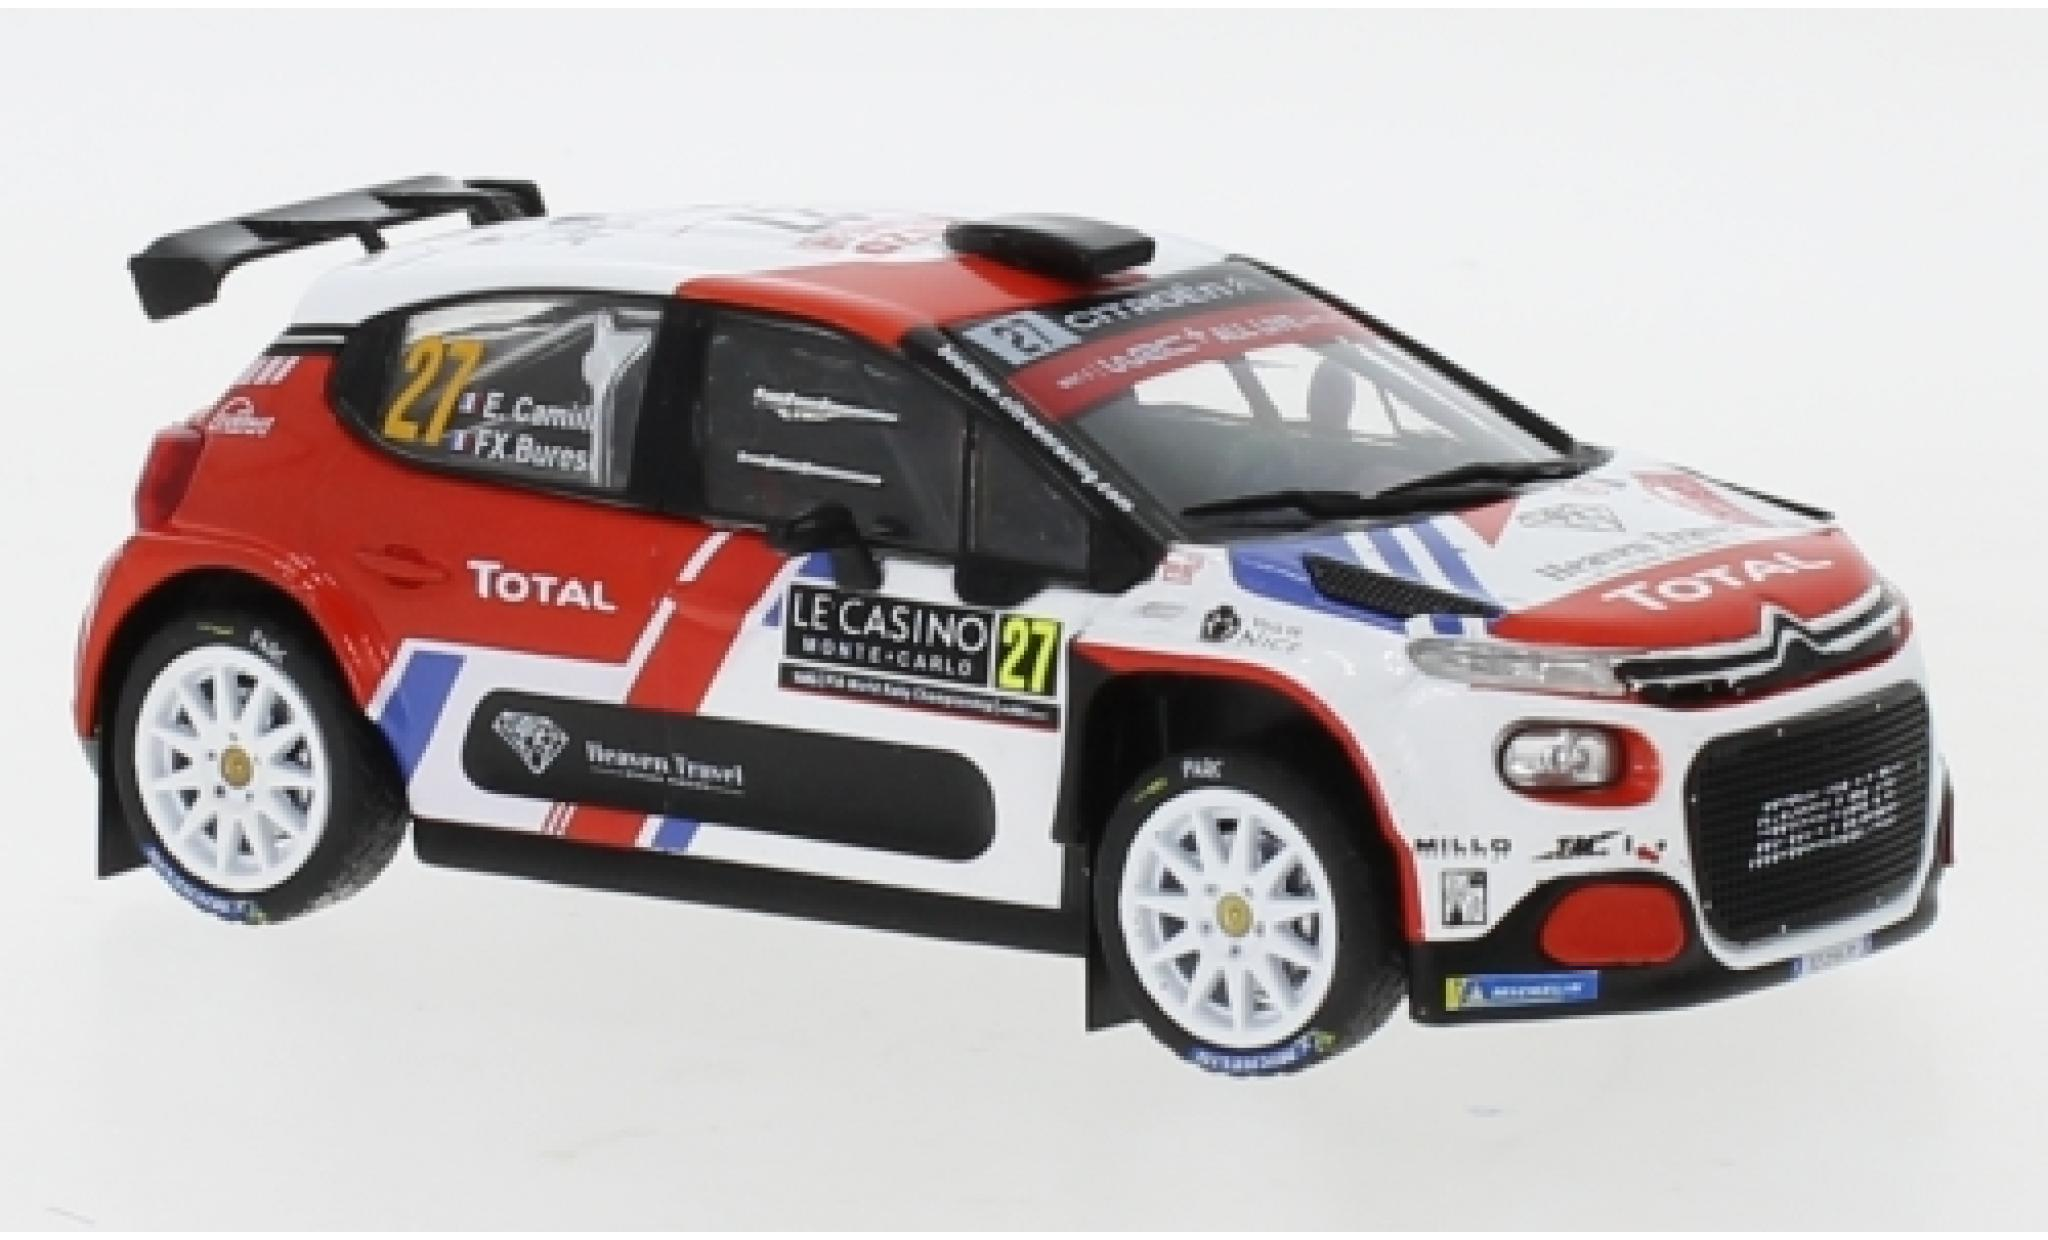 Citroen C3 1/43 IXO R5 No.27 Rallye WM Rally Monte Carlo 2020 E.Camilli/X.Buresi